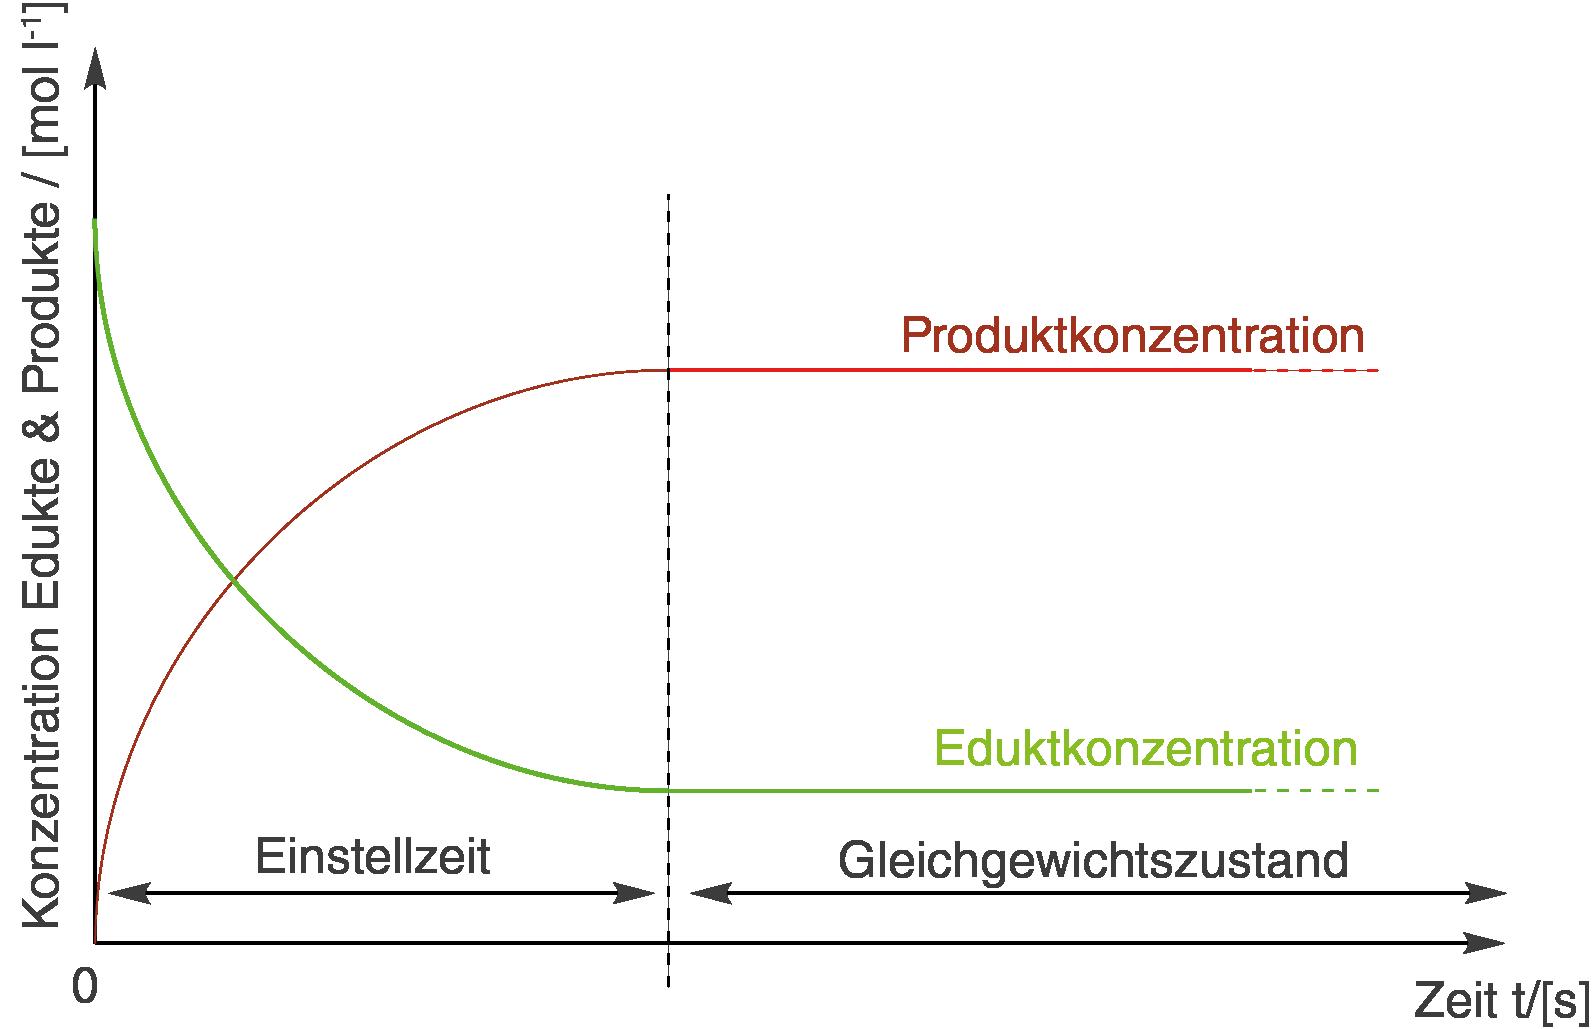 Chemische Gleichgewichte: Gleichgewichts- und Nichtgleichgewichtsreaktion